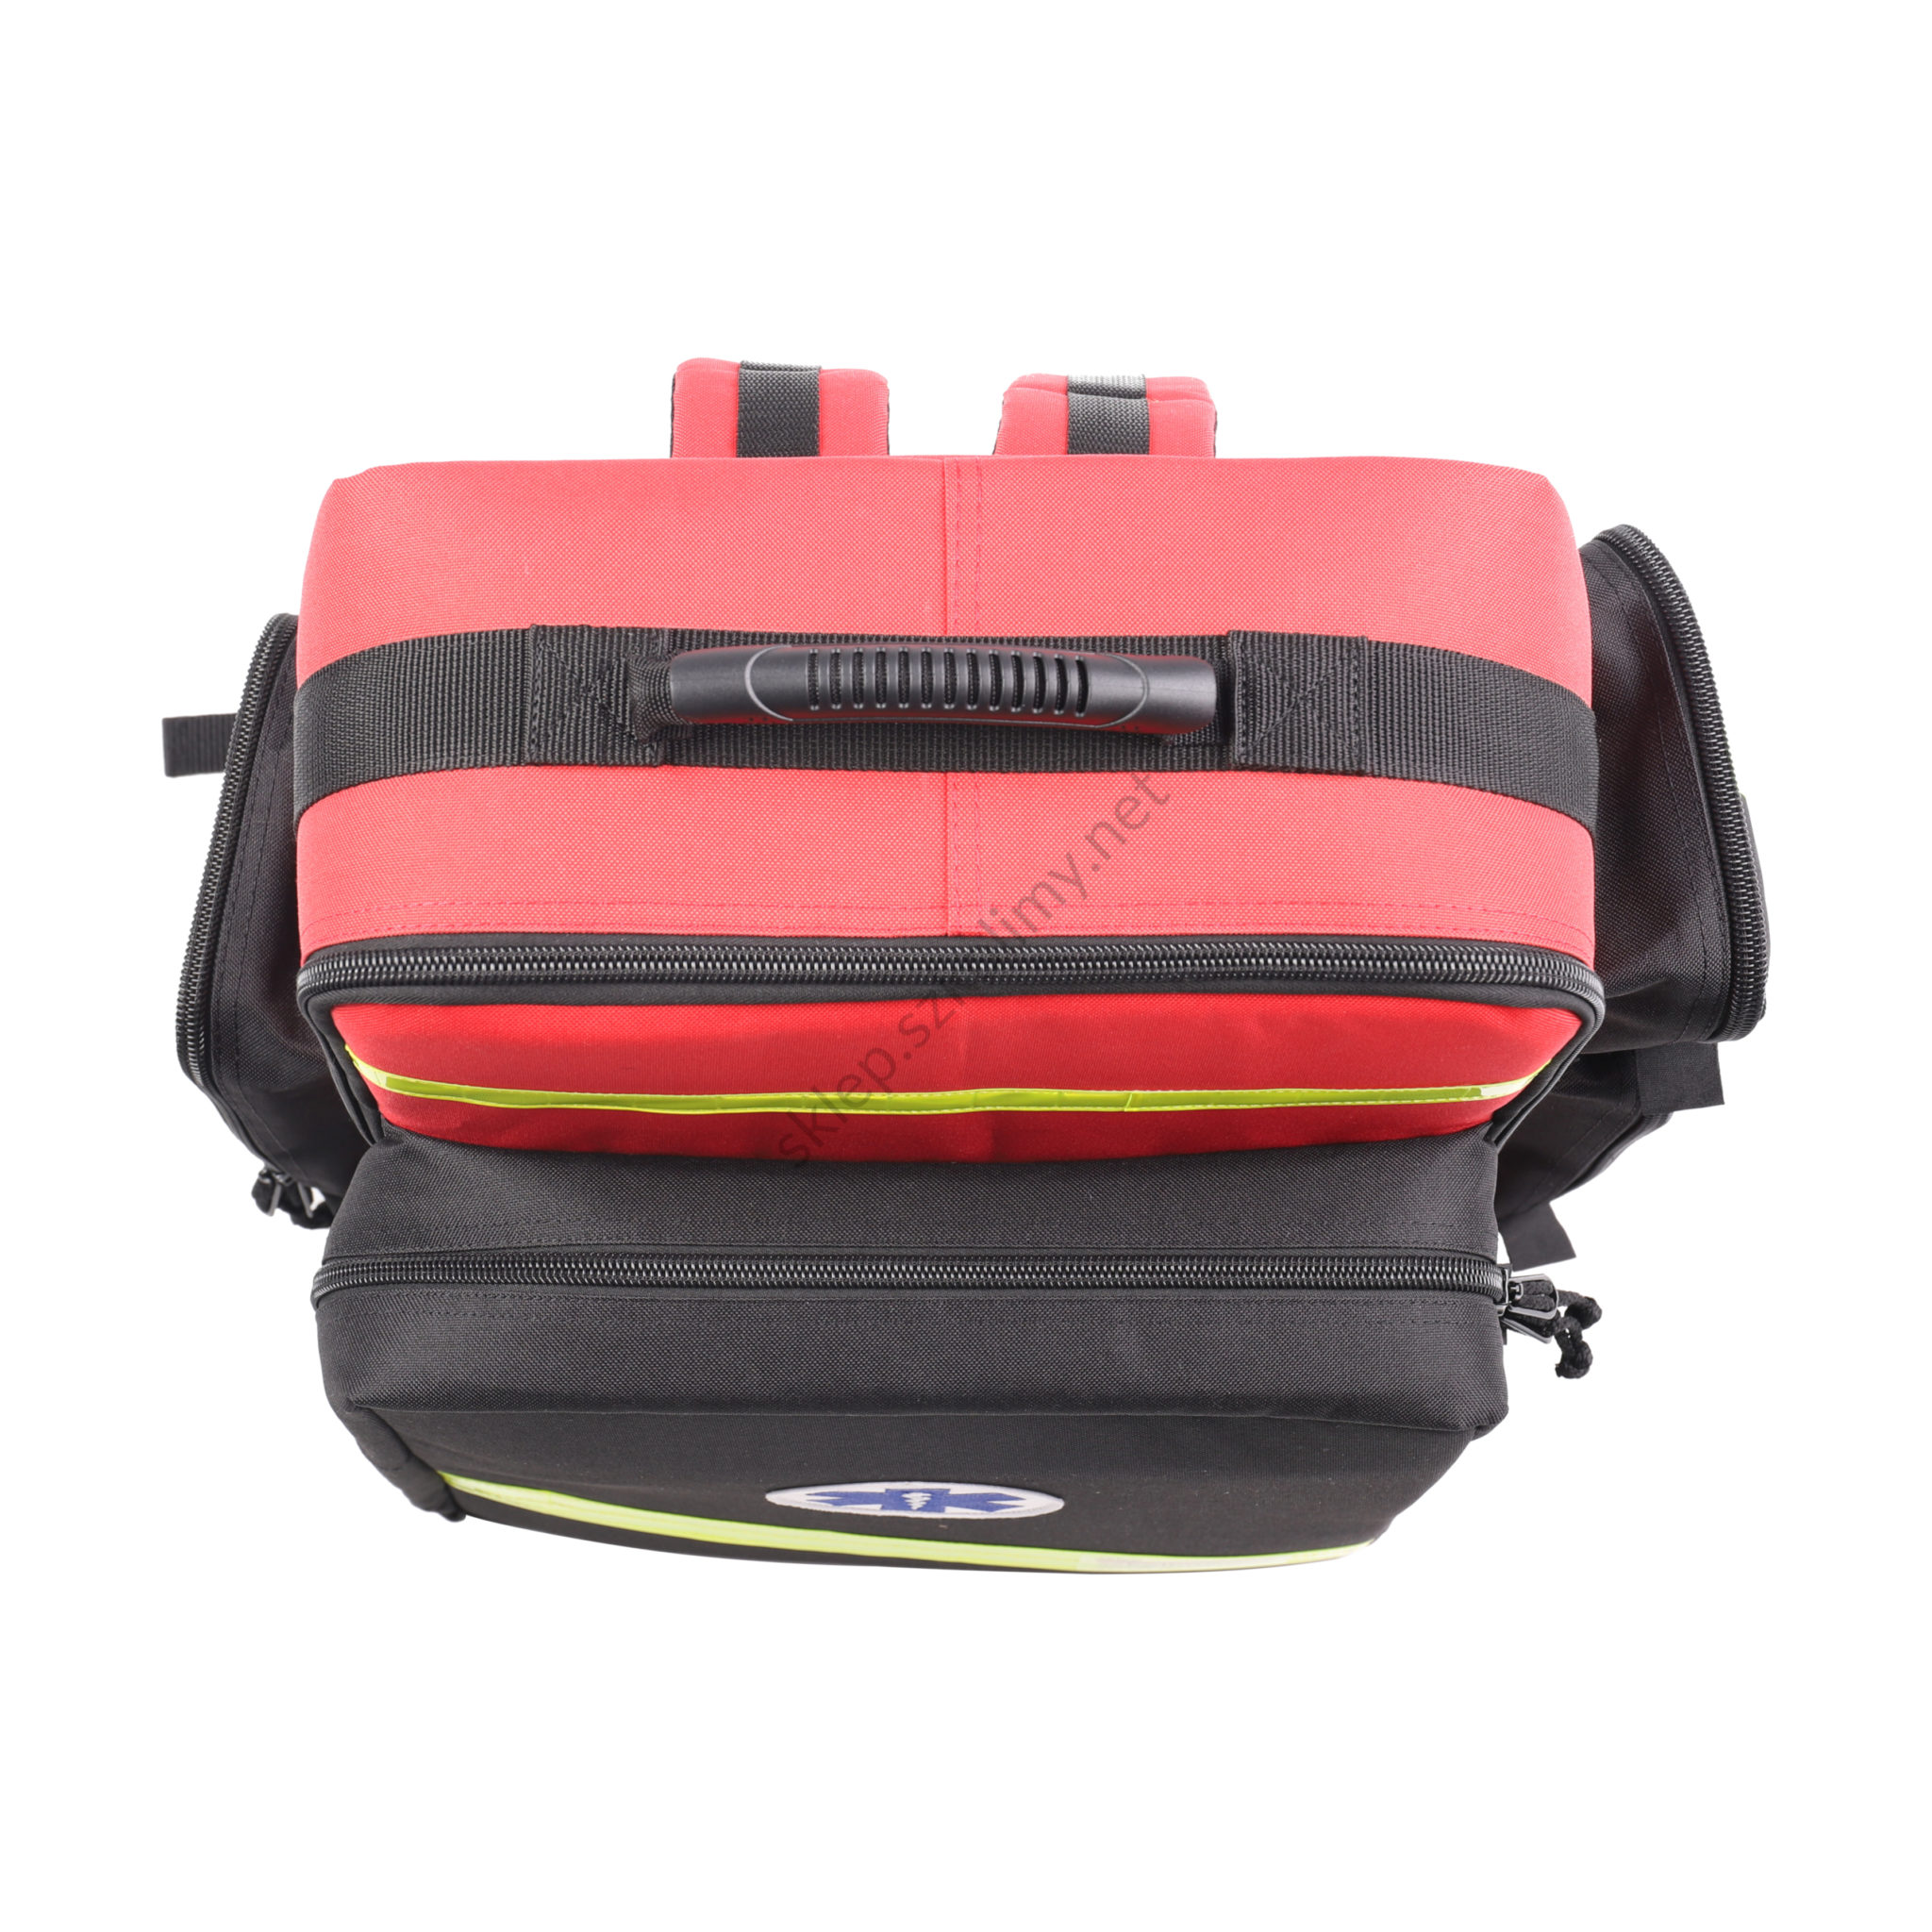 Zestaw ratowniczy POLICJA R1 w plecaku (zgodnie z KGP nr 550, kolor granatowy)